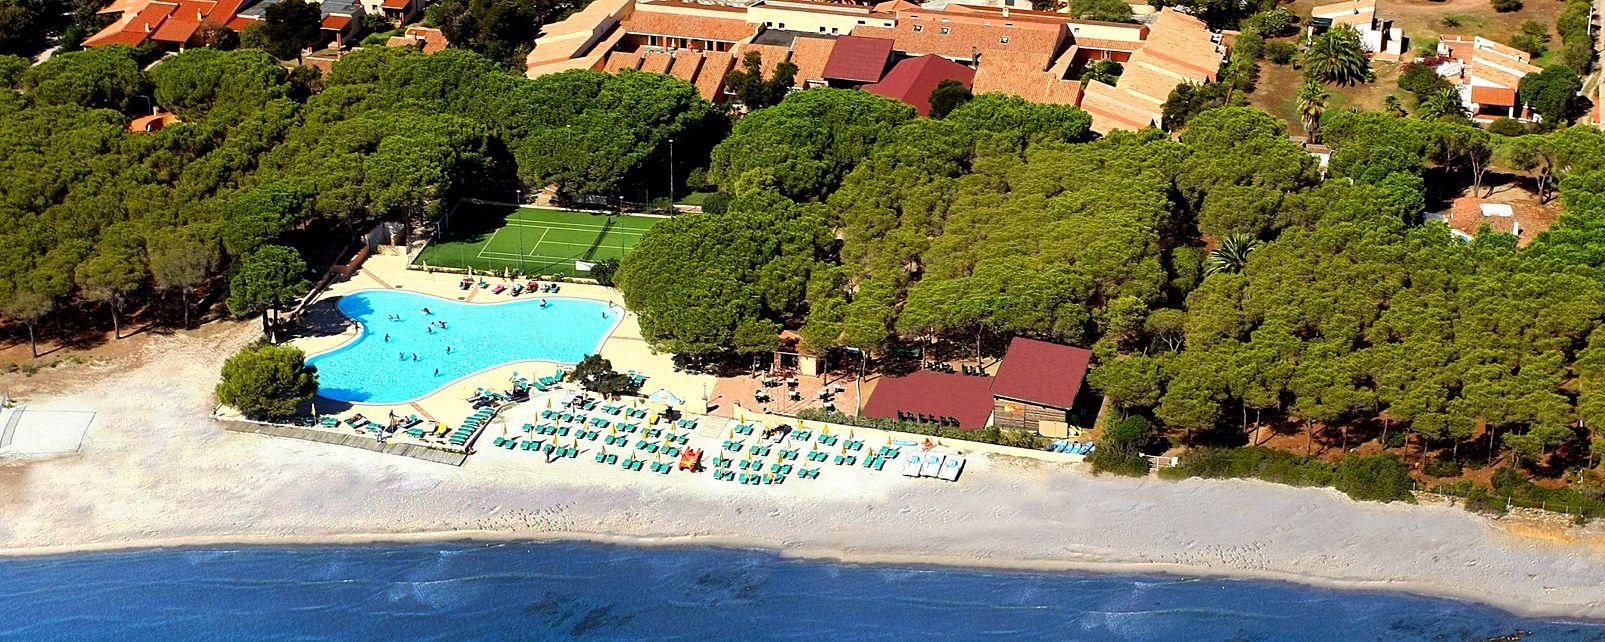 Hôtel Plein Vent Marina Seada Beach Budoni